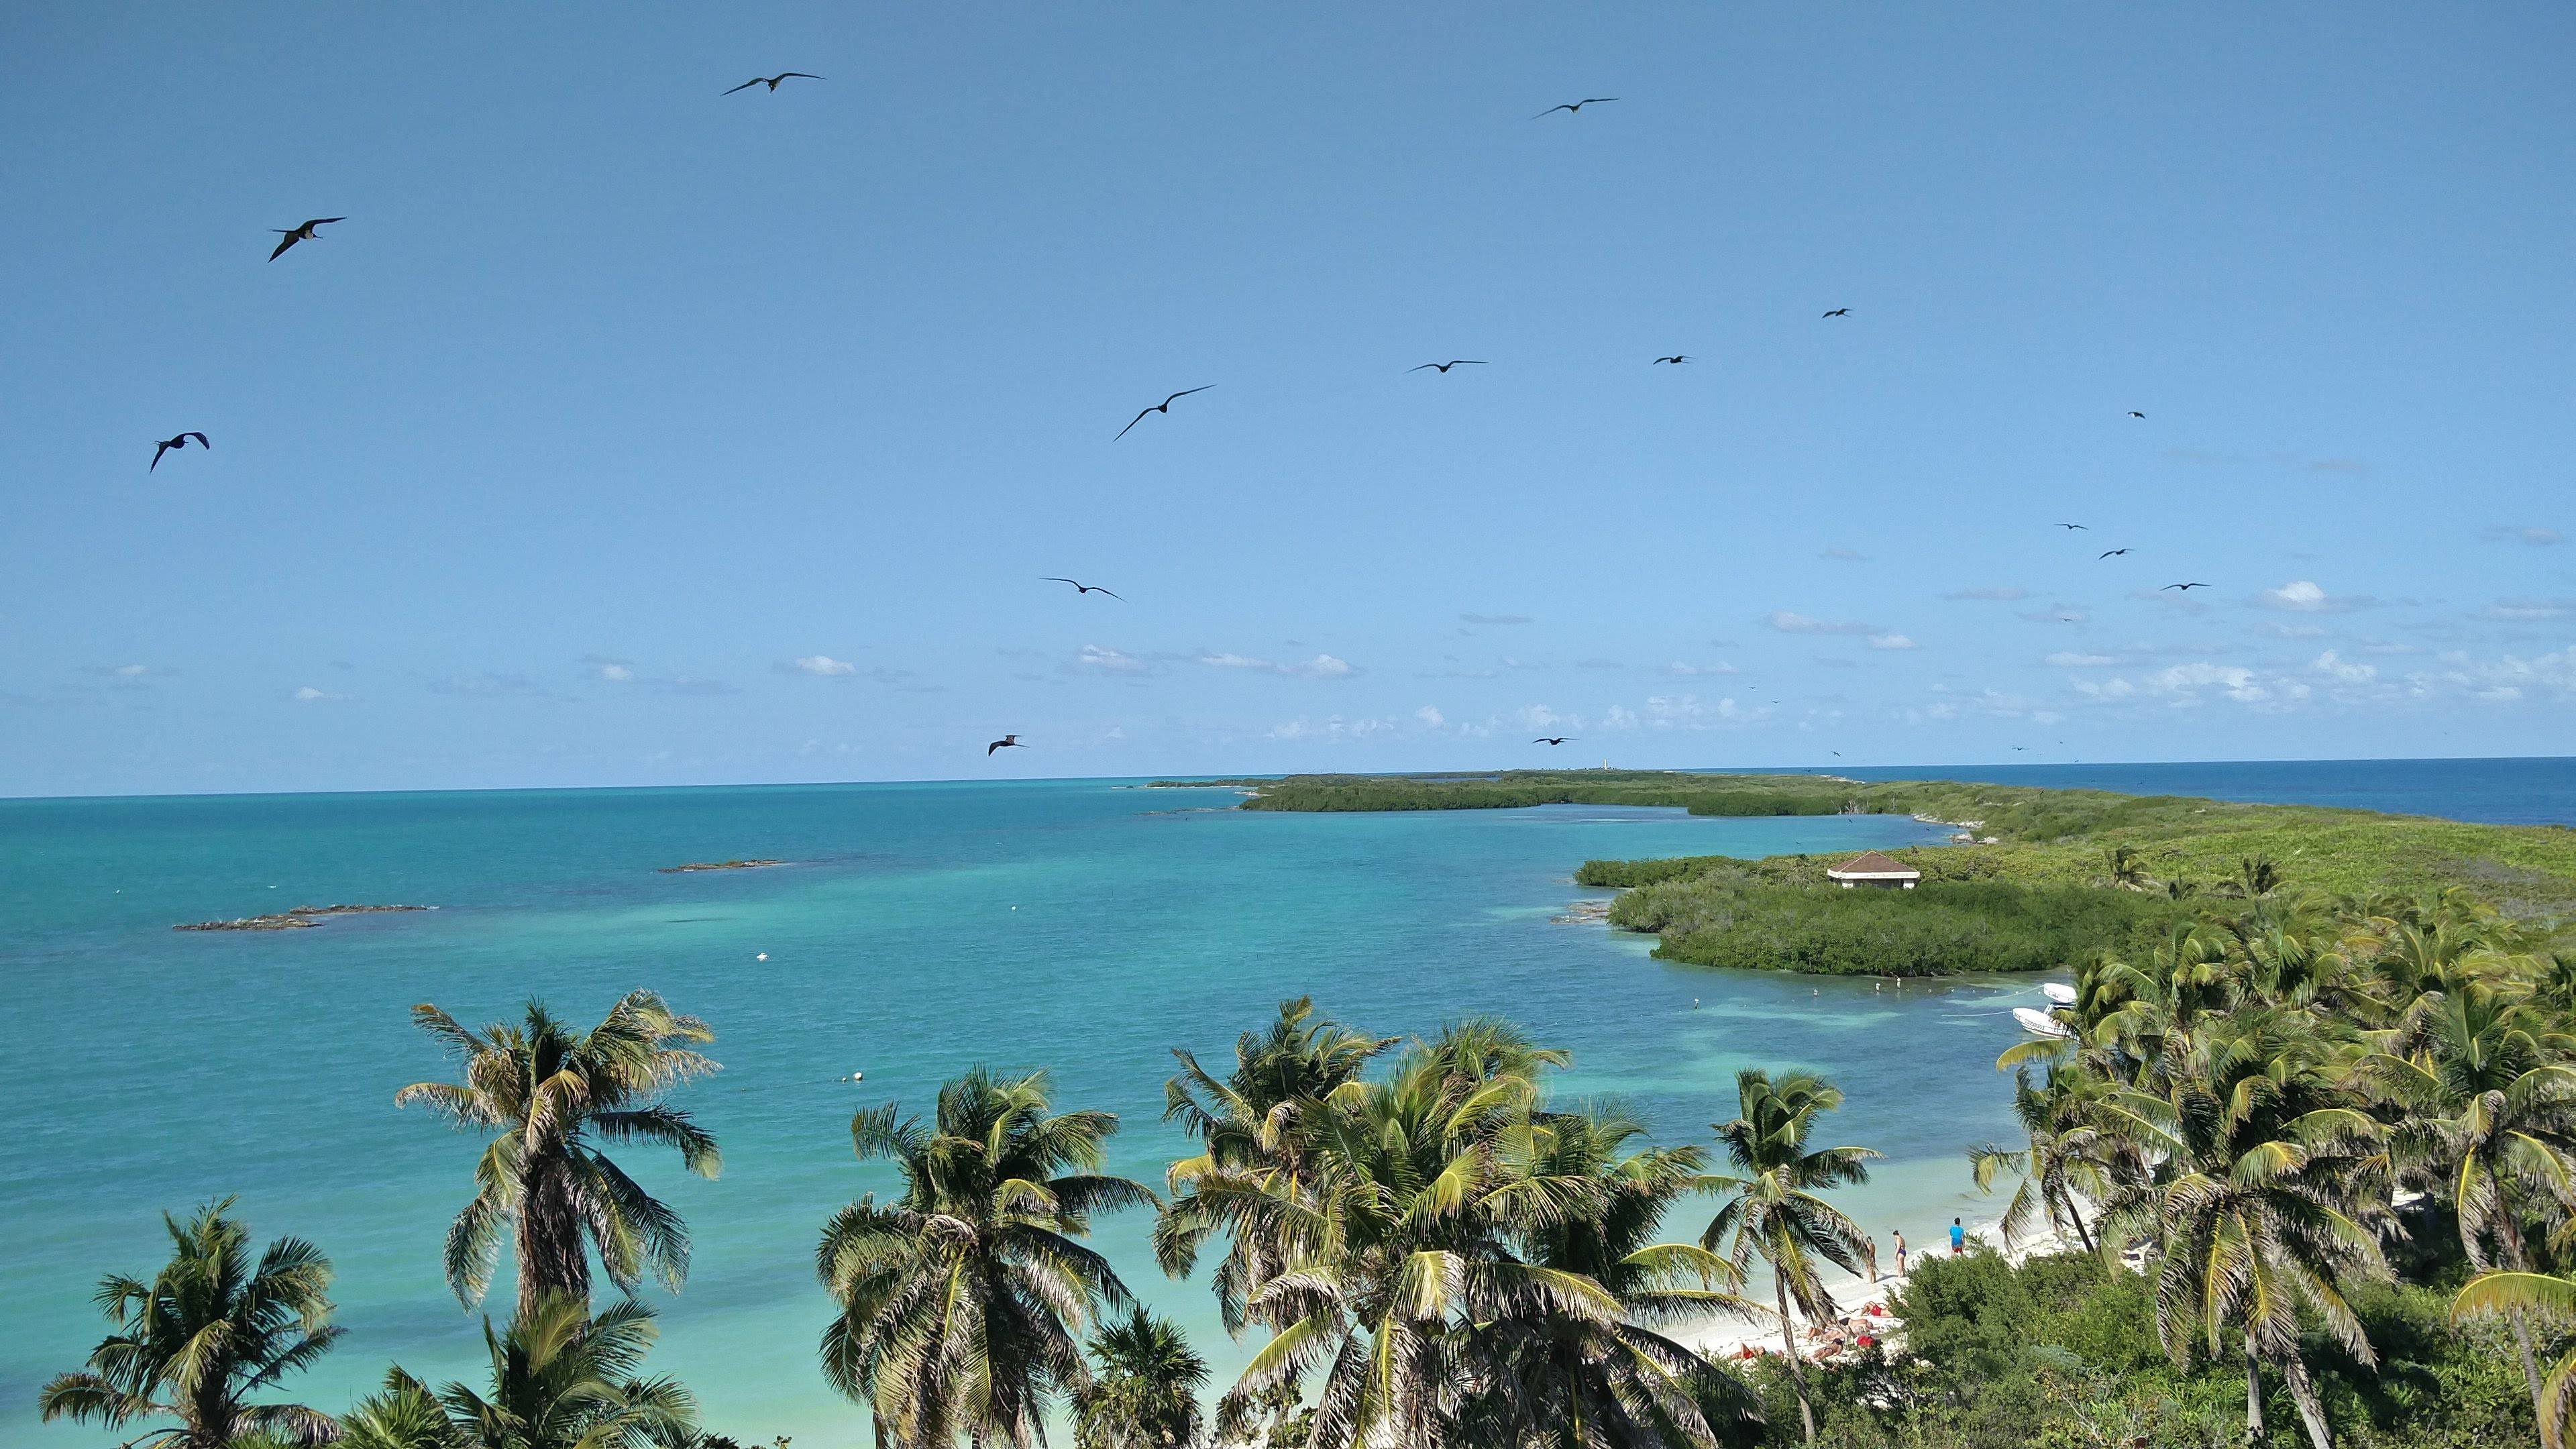 Photo 1: Isla Contoy - Un bout de paradis caché